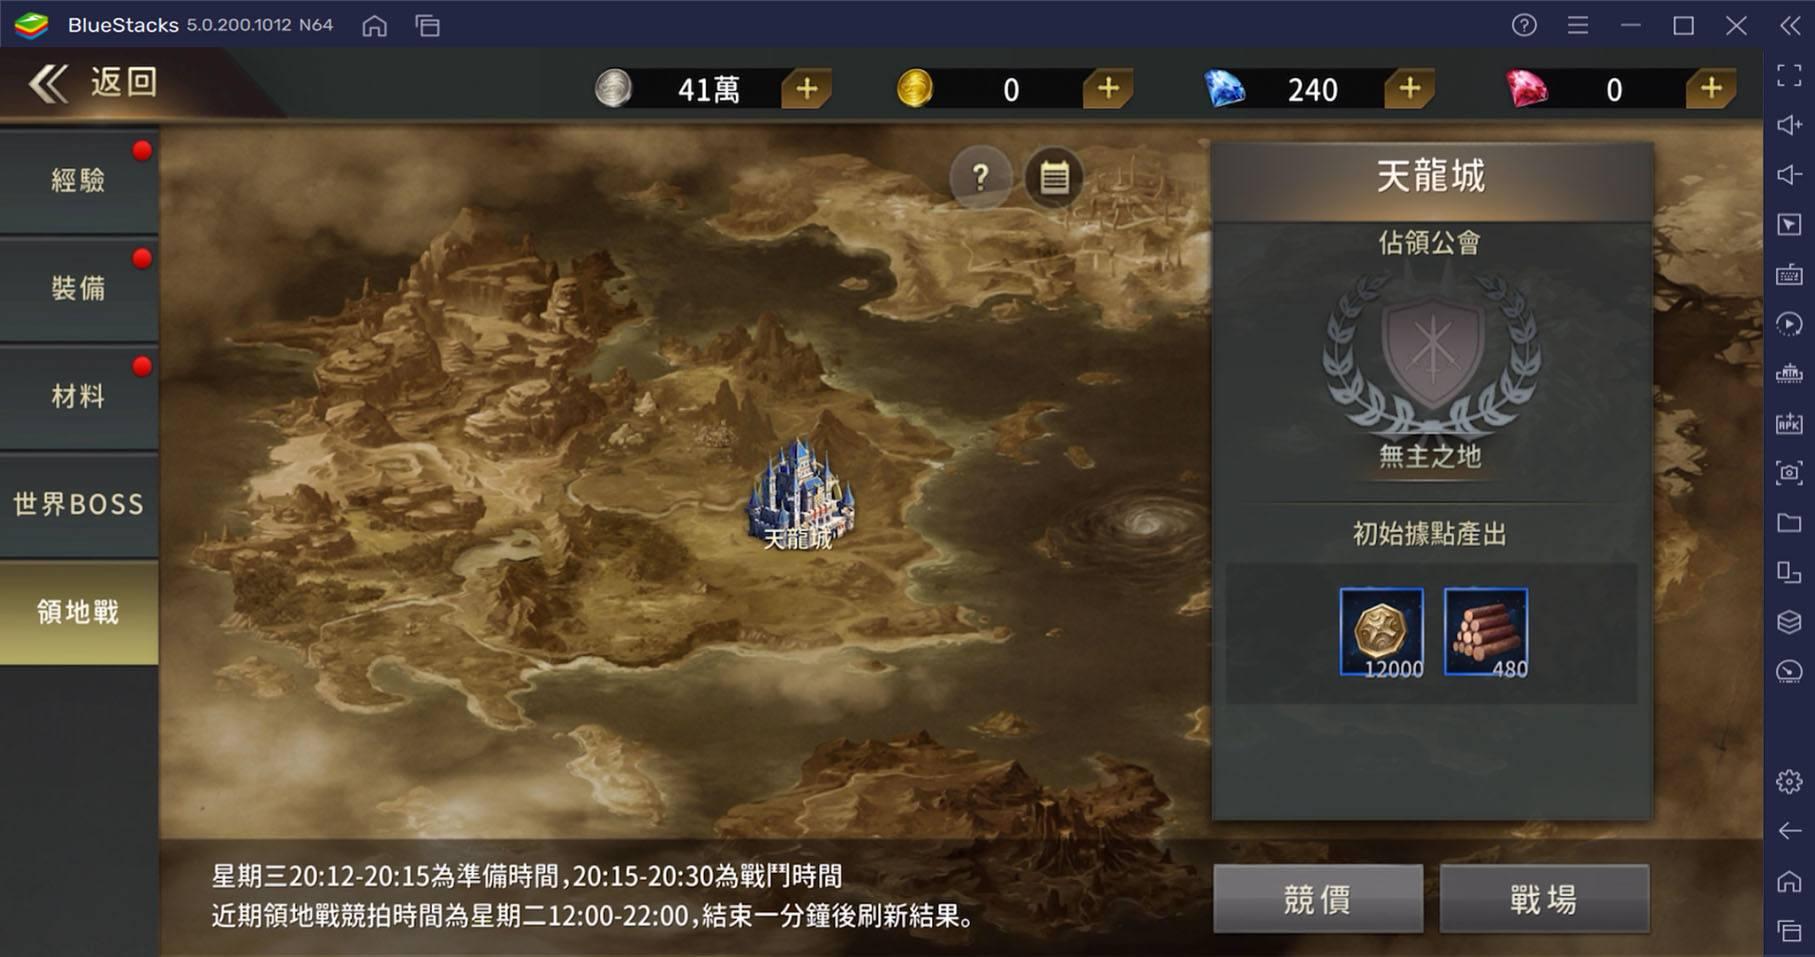 如何使用BlueStacks在電腦上玩手機遊戲《T1:失落神境》